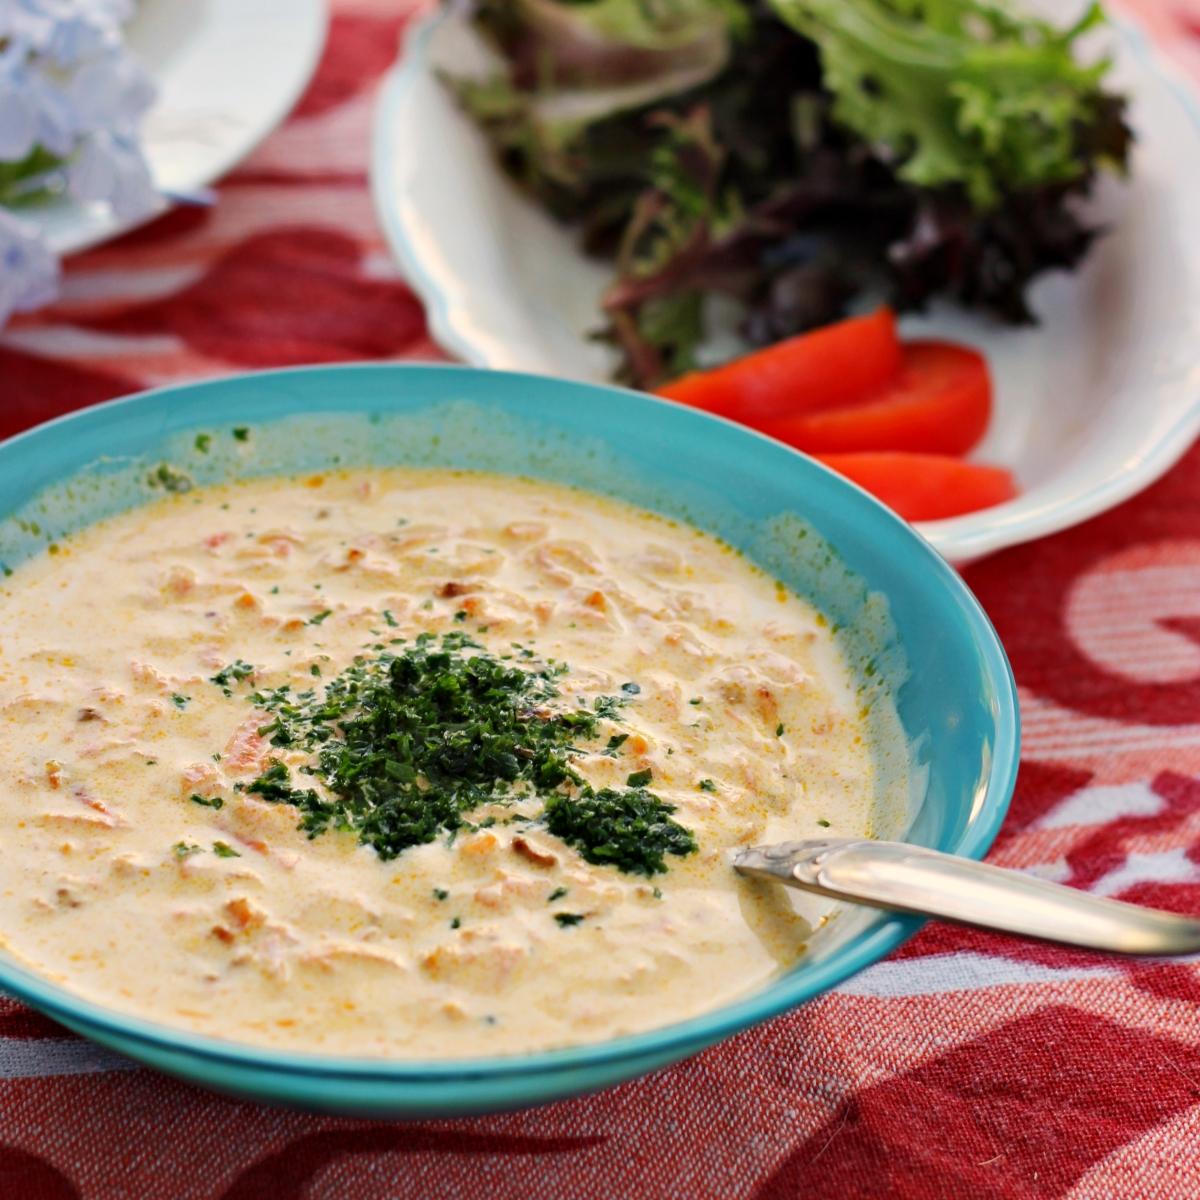 Havuç salatası, czyli turecki sos marchewkowy